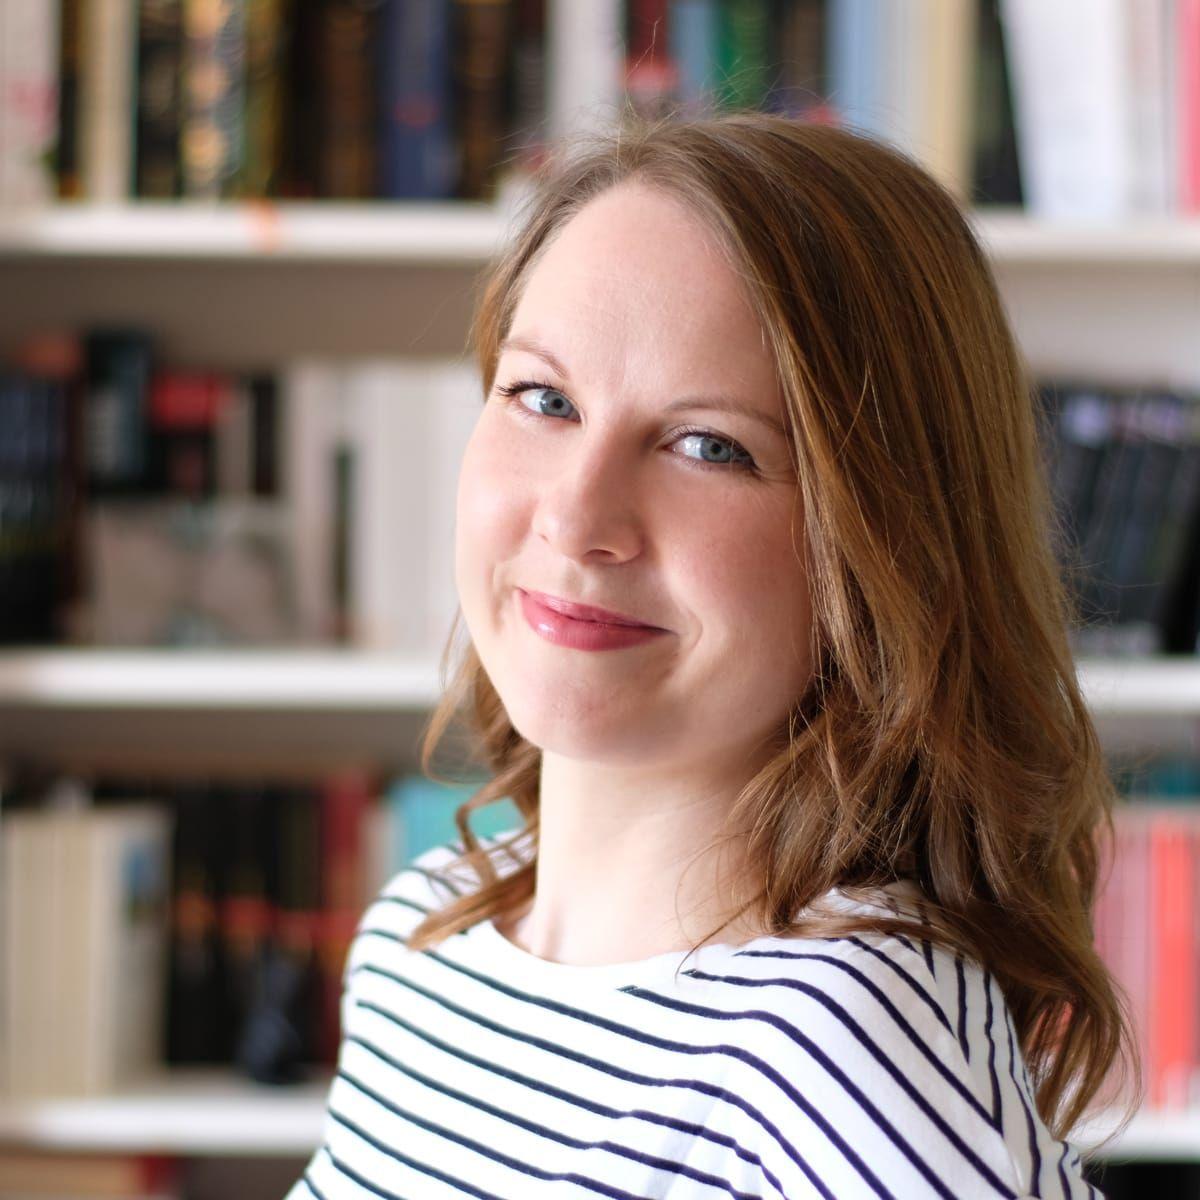 Anne vom Buchblog Von Buch zu Buch